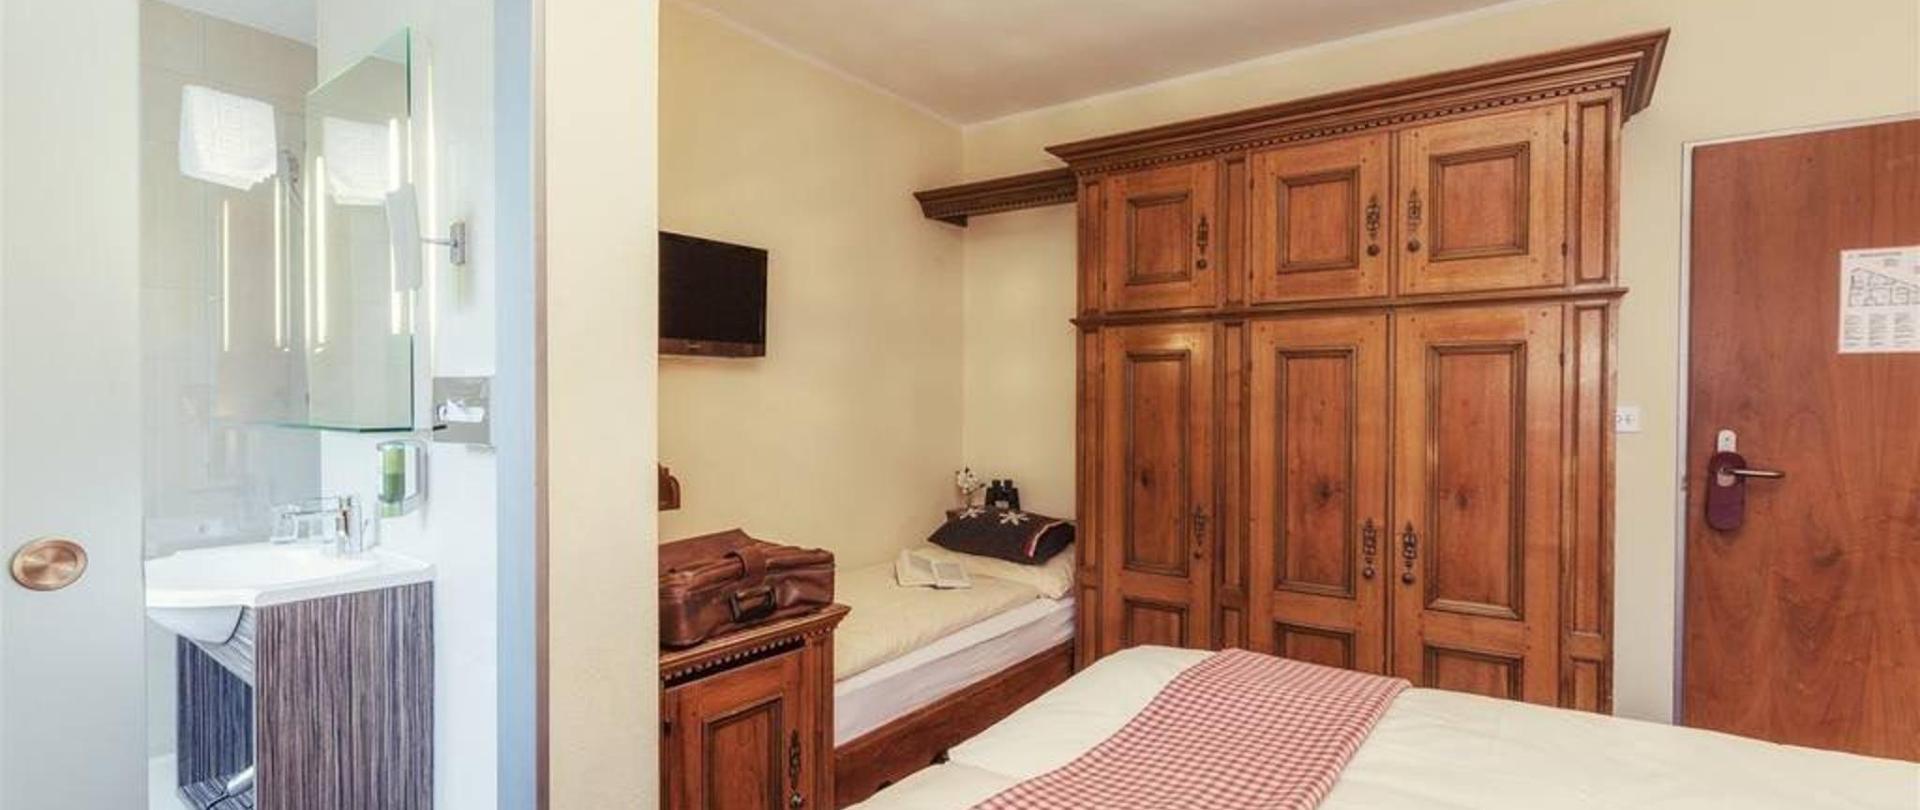 petit_hotel_0056-1.jpg